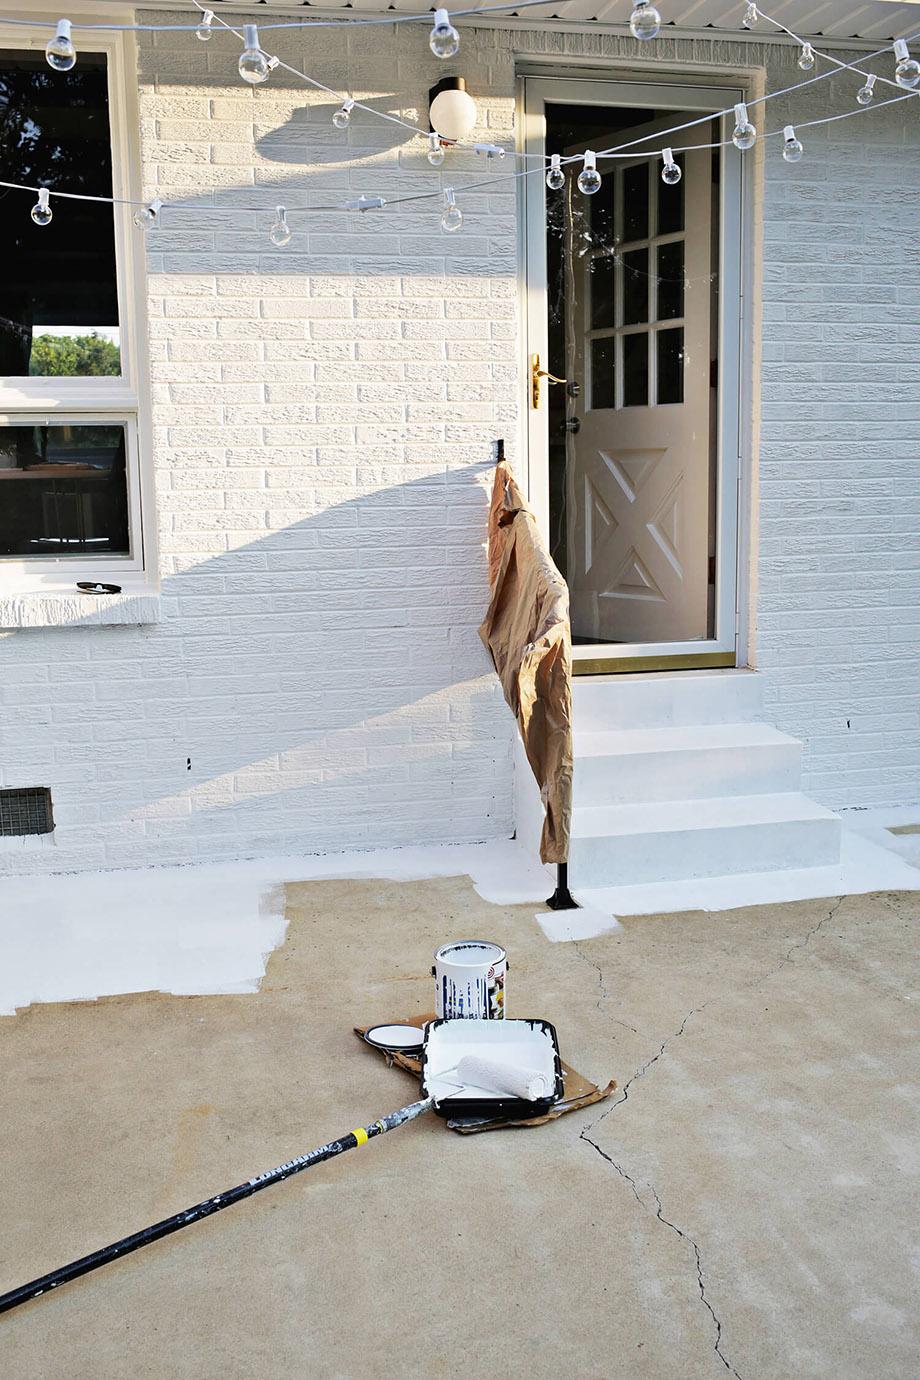 เตรียมพื้นผิวและทาสีรองพื้น